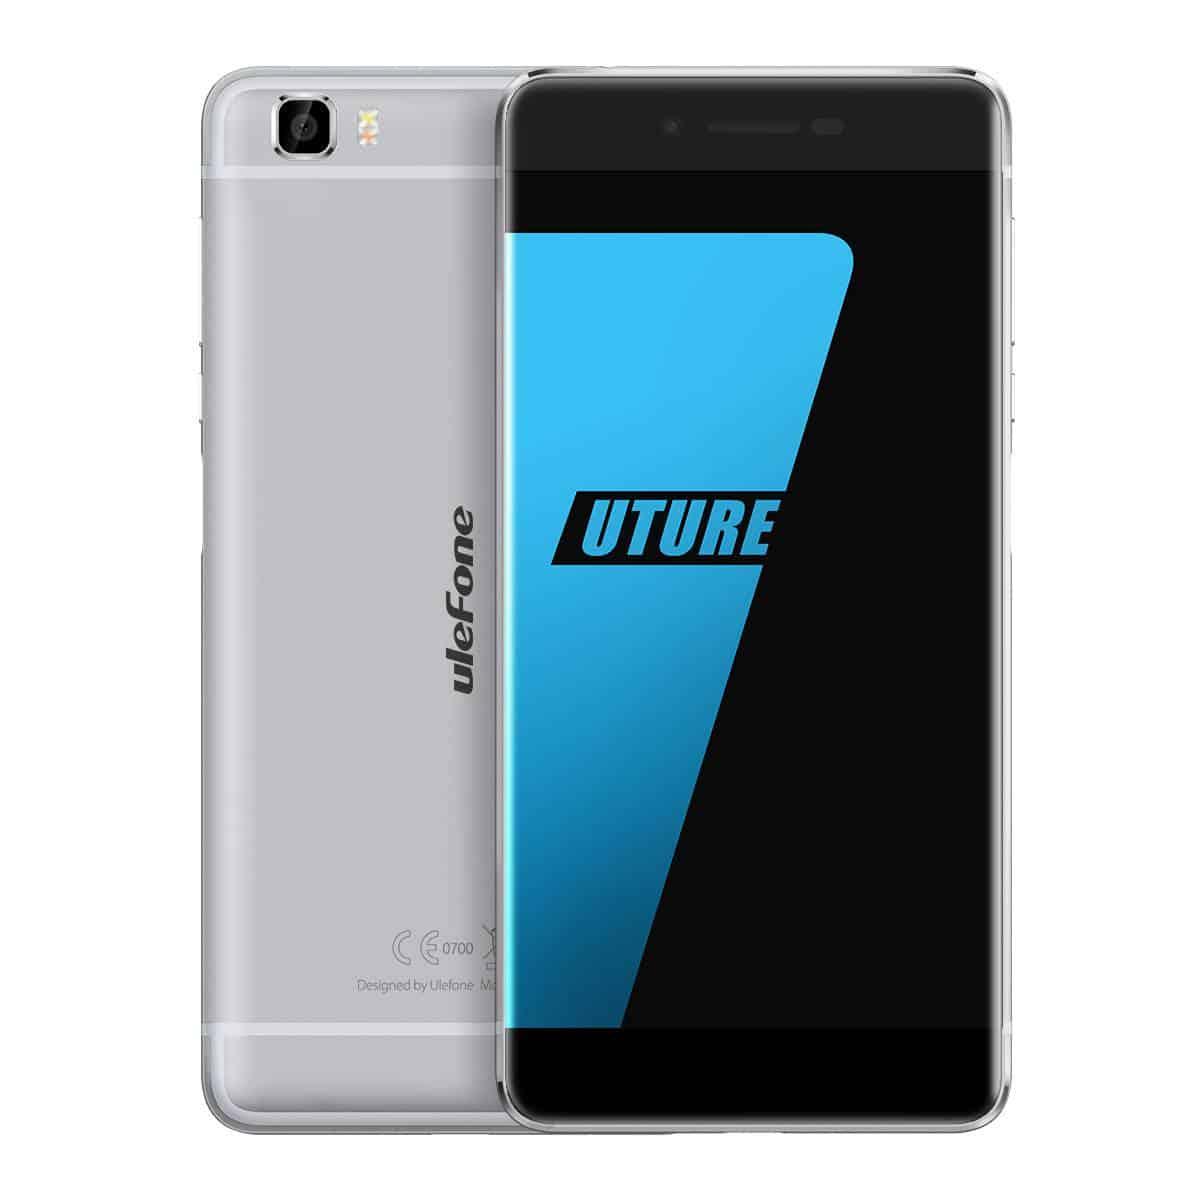 Ulefone Future 3